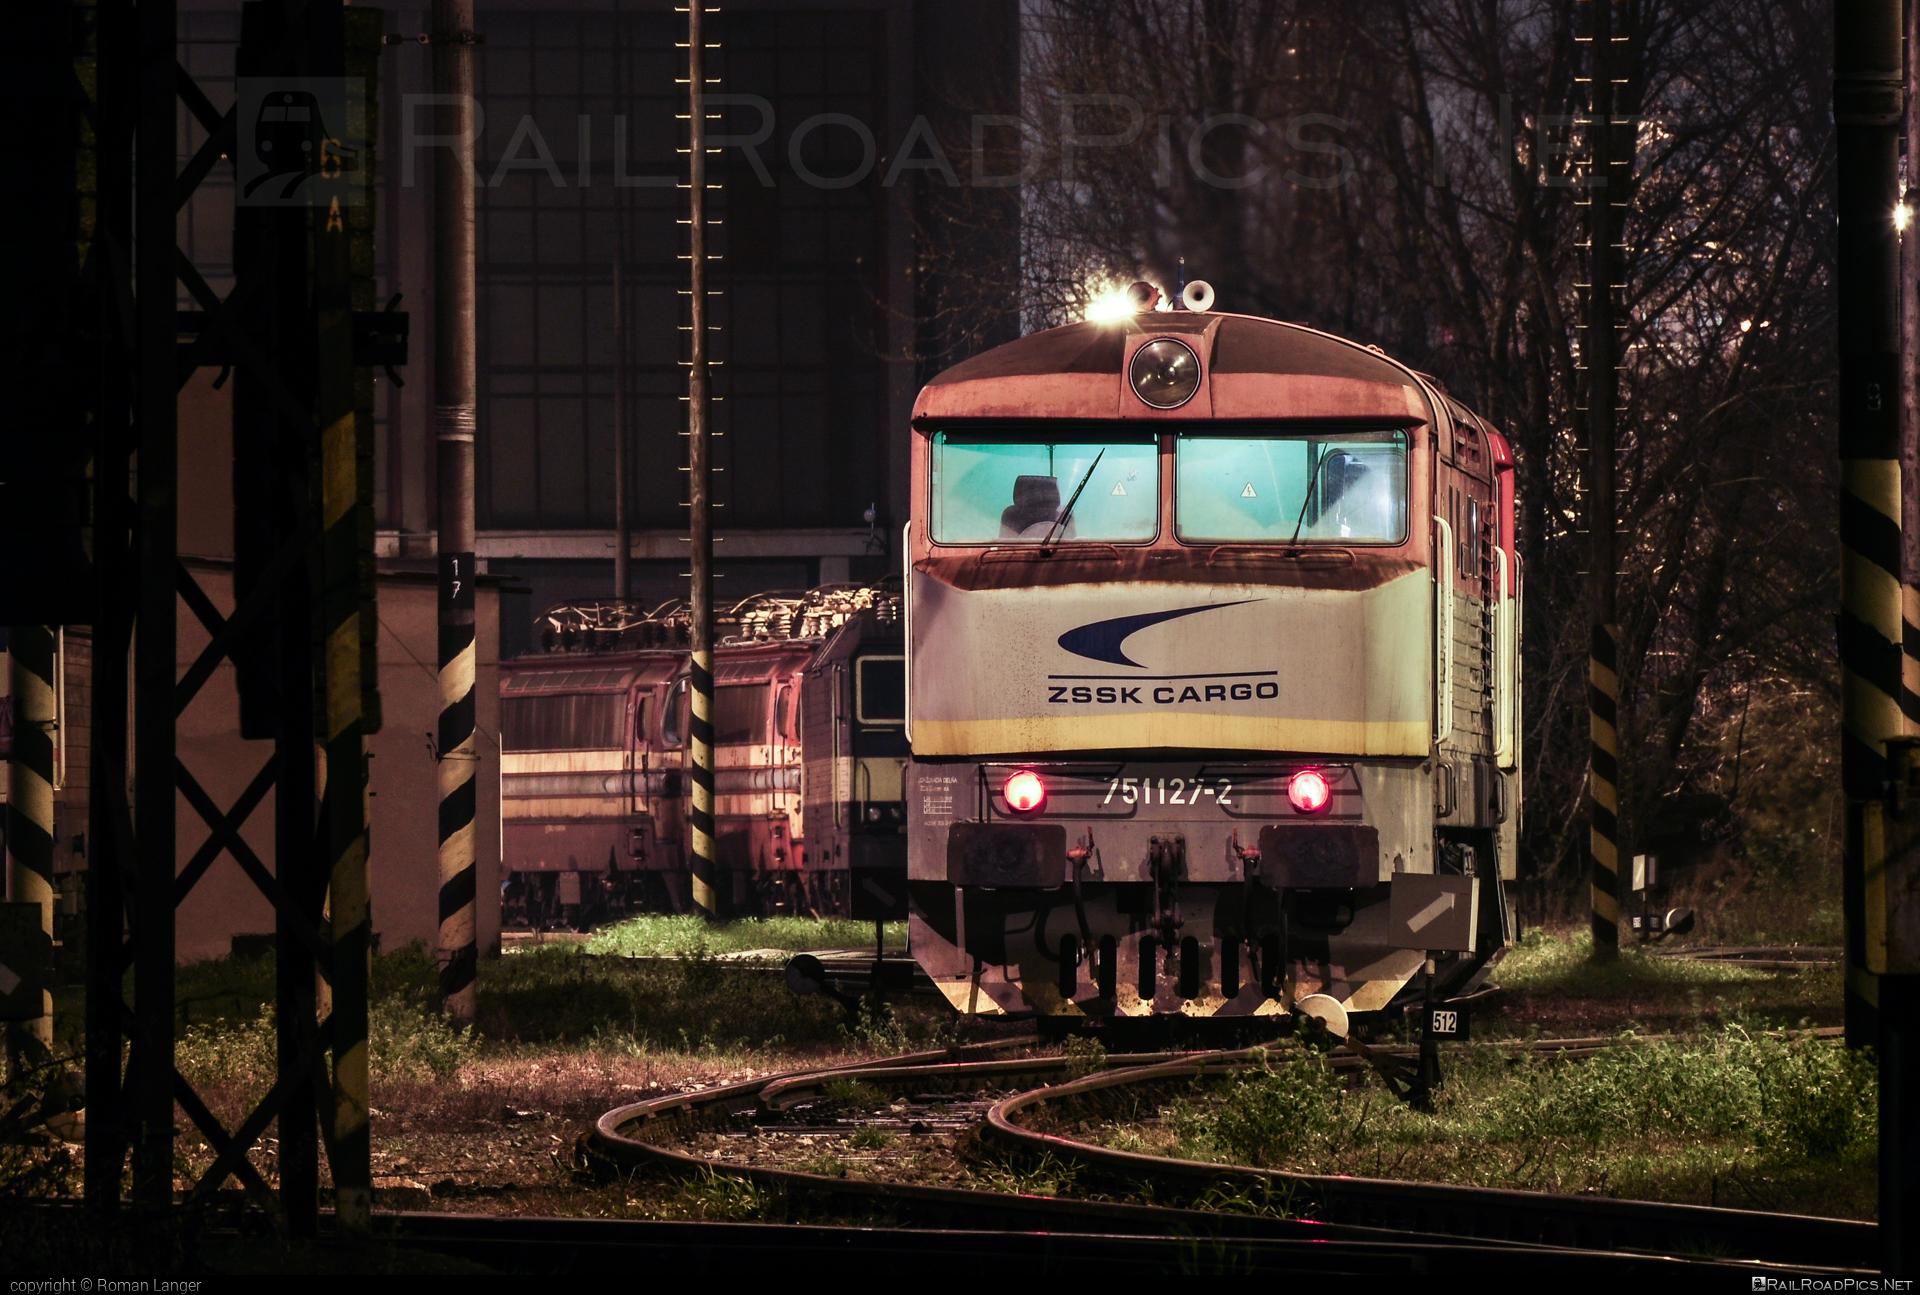 ČKD T 478.1 (751) - 751 127-2 operated by Železničná Spoločnost' Cargo Slovakia a.s. #ZeleznicnaSpolocnostCargoSlovakia #bardotka #ckd #ckd4781 #ckd751 #ckdt4781 #zamracena #zsskcargo